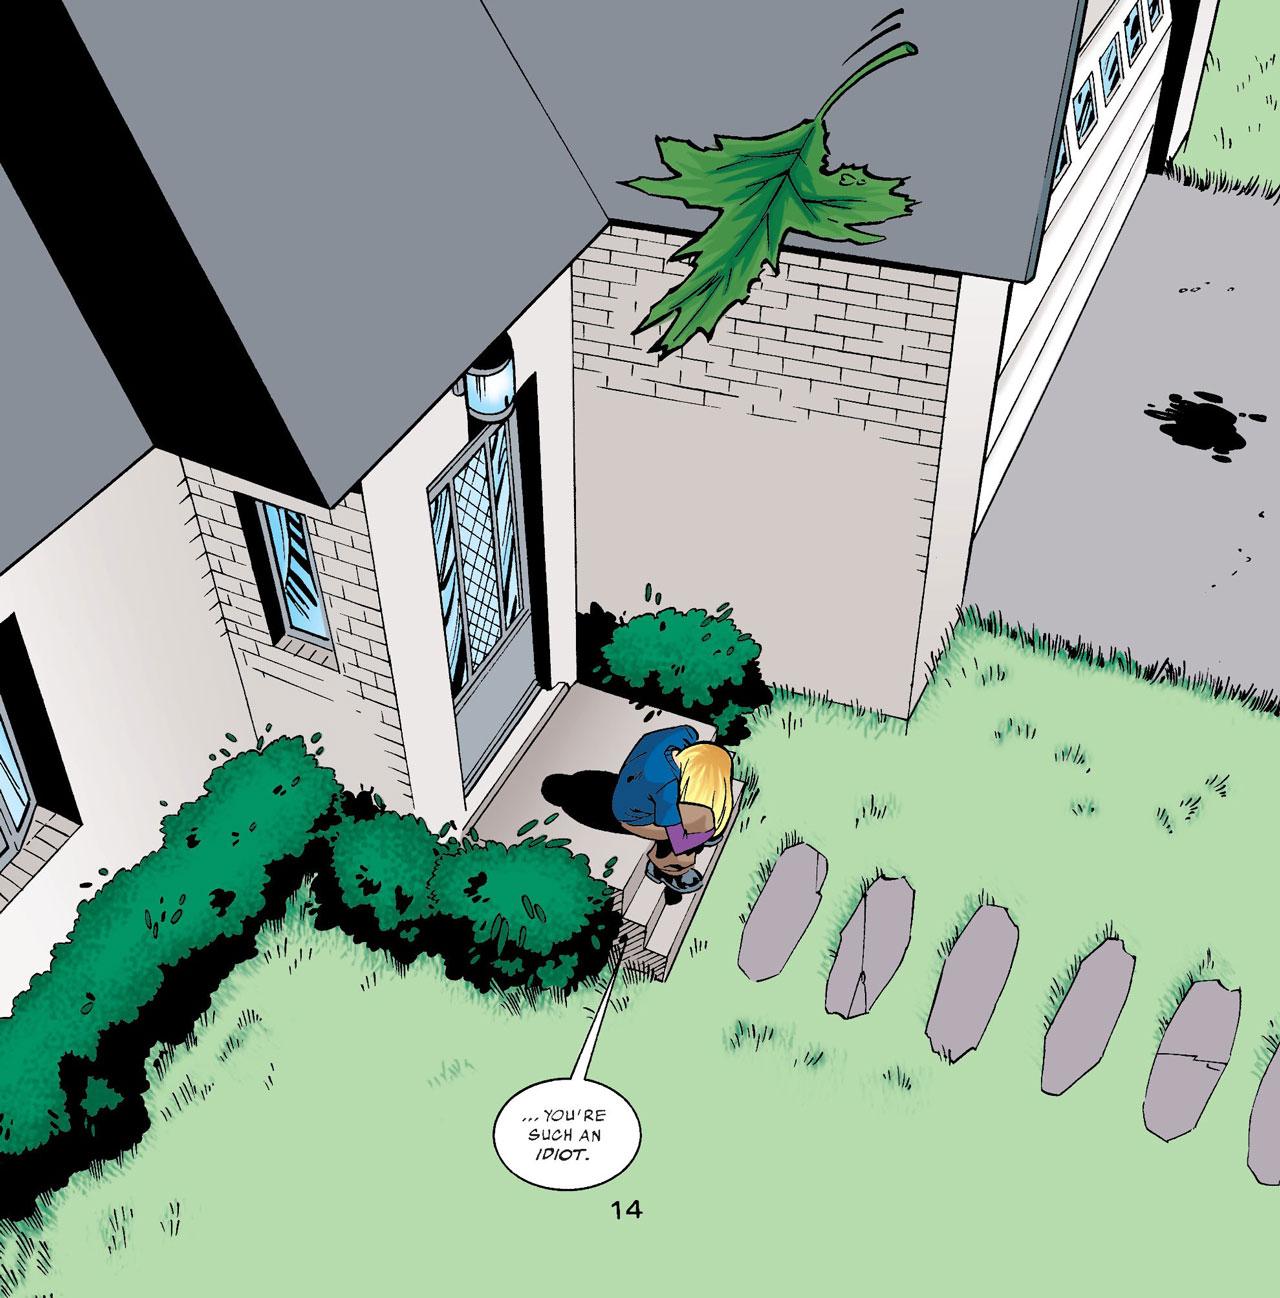 Courtney-Whitmore-Sam-Kurtis-Comics.jpg